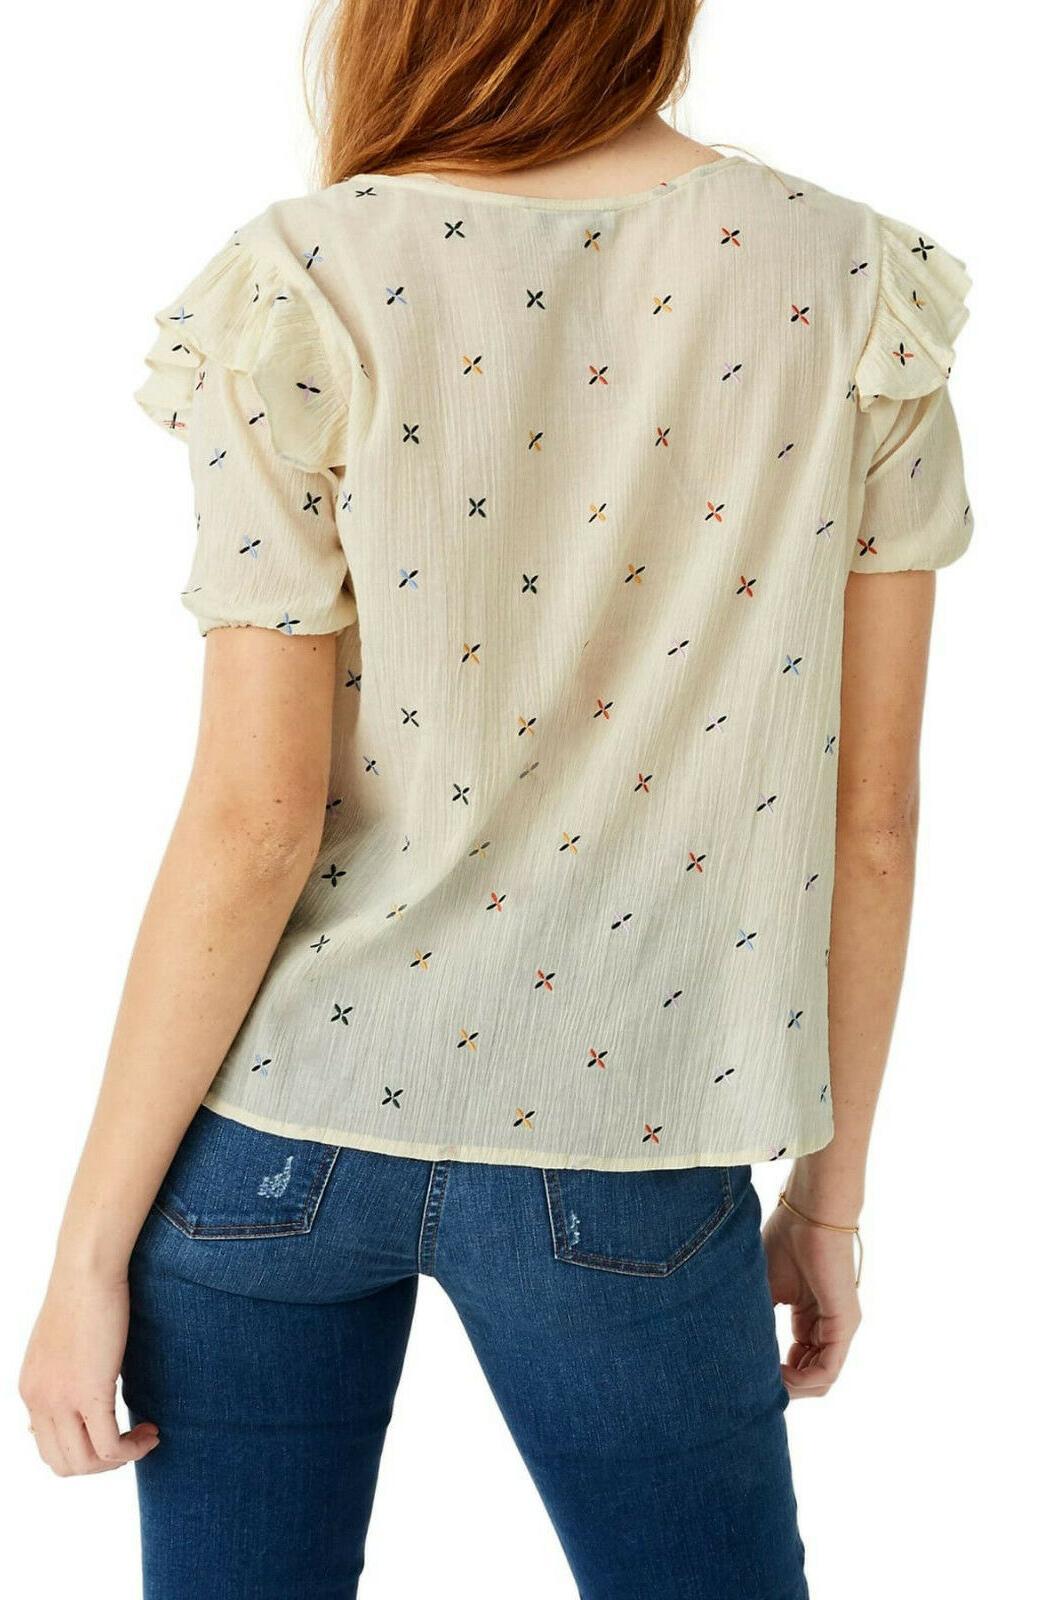 Madewell Gazebo top ruffle sleeves xs 0